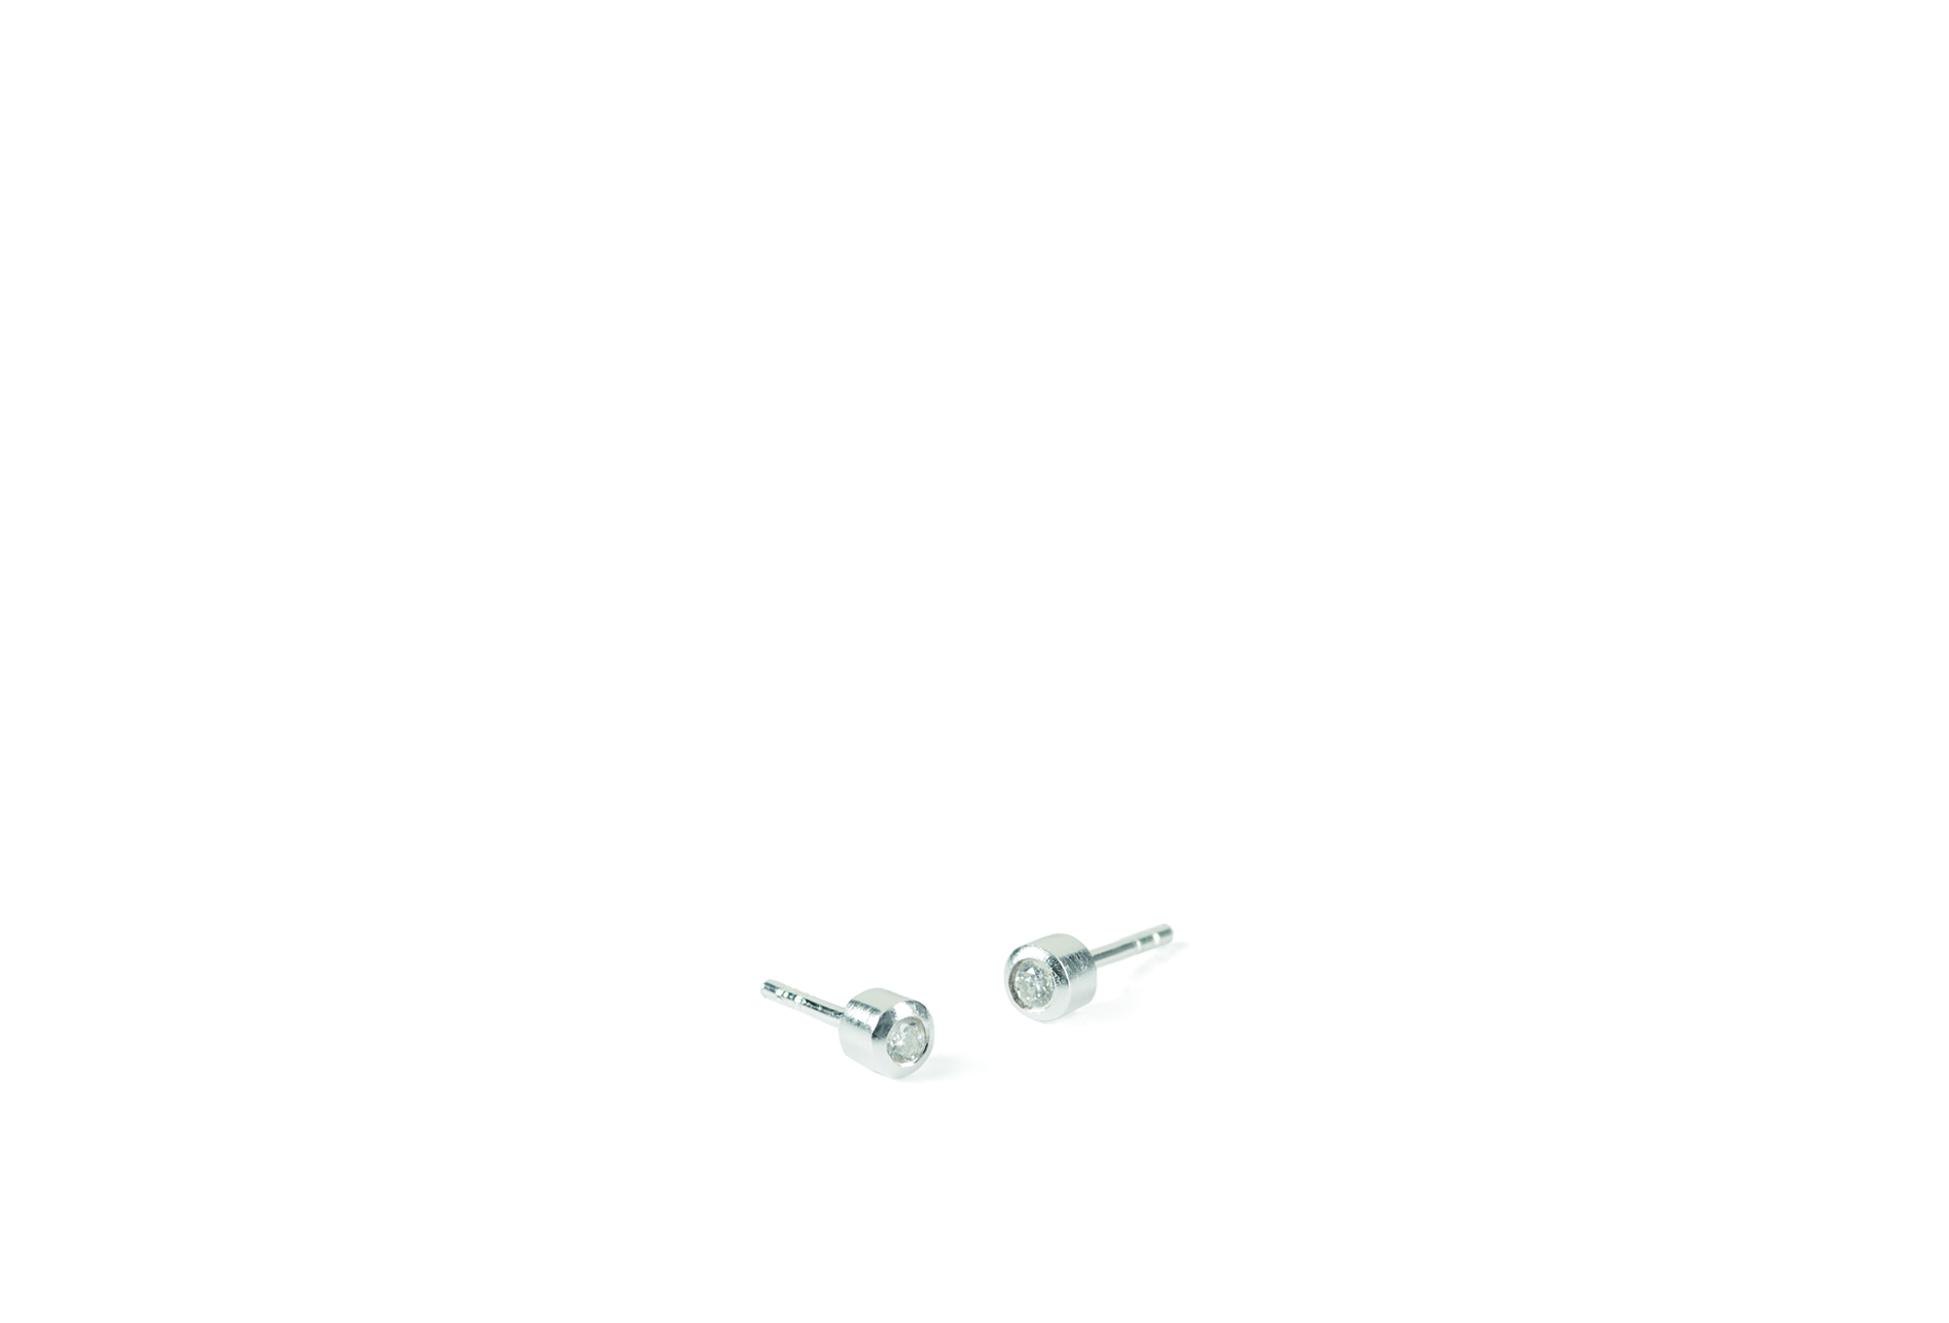 Diamond Earsticks Sølv Øreringe fra Pernille Corydon med Brillanter 0,03 Carat